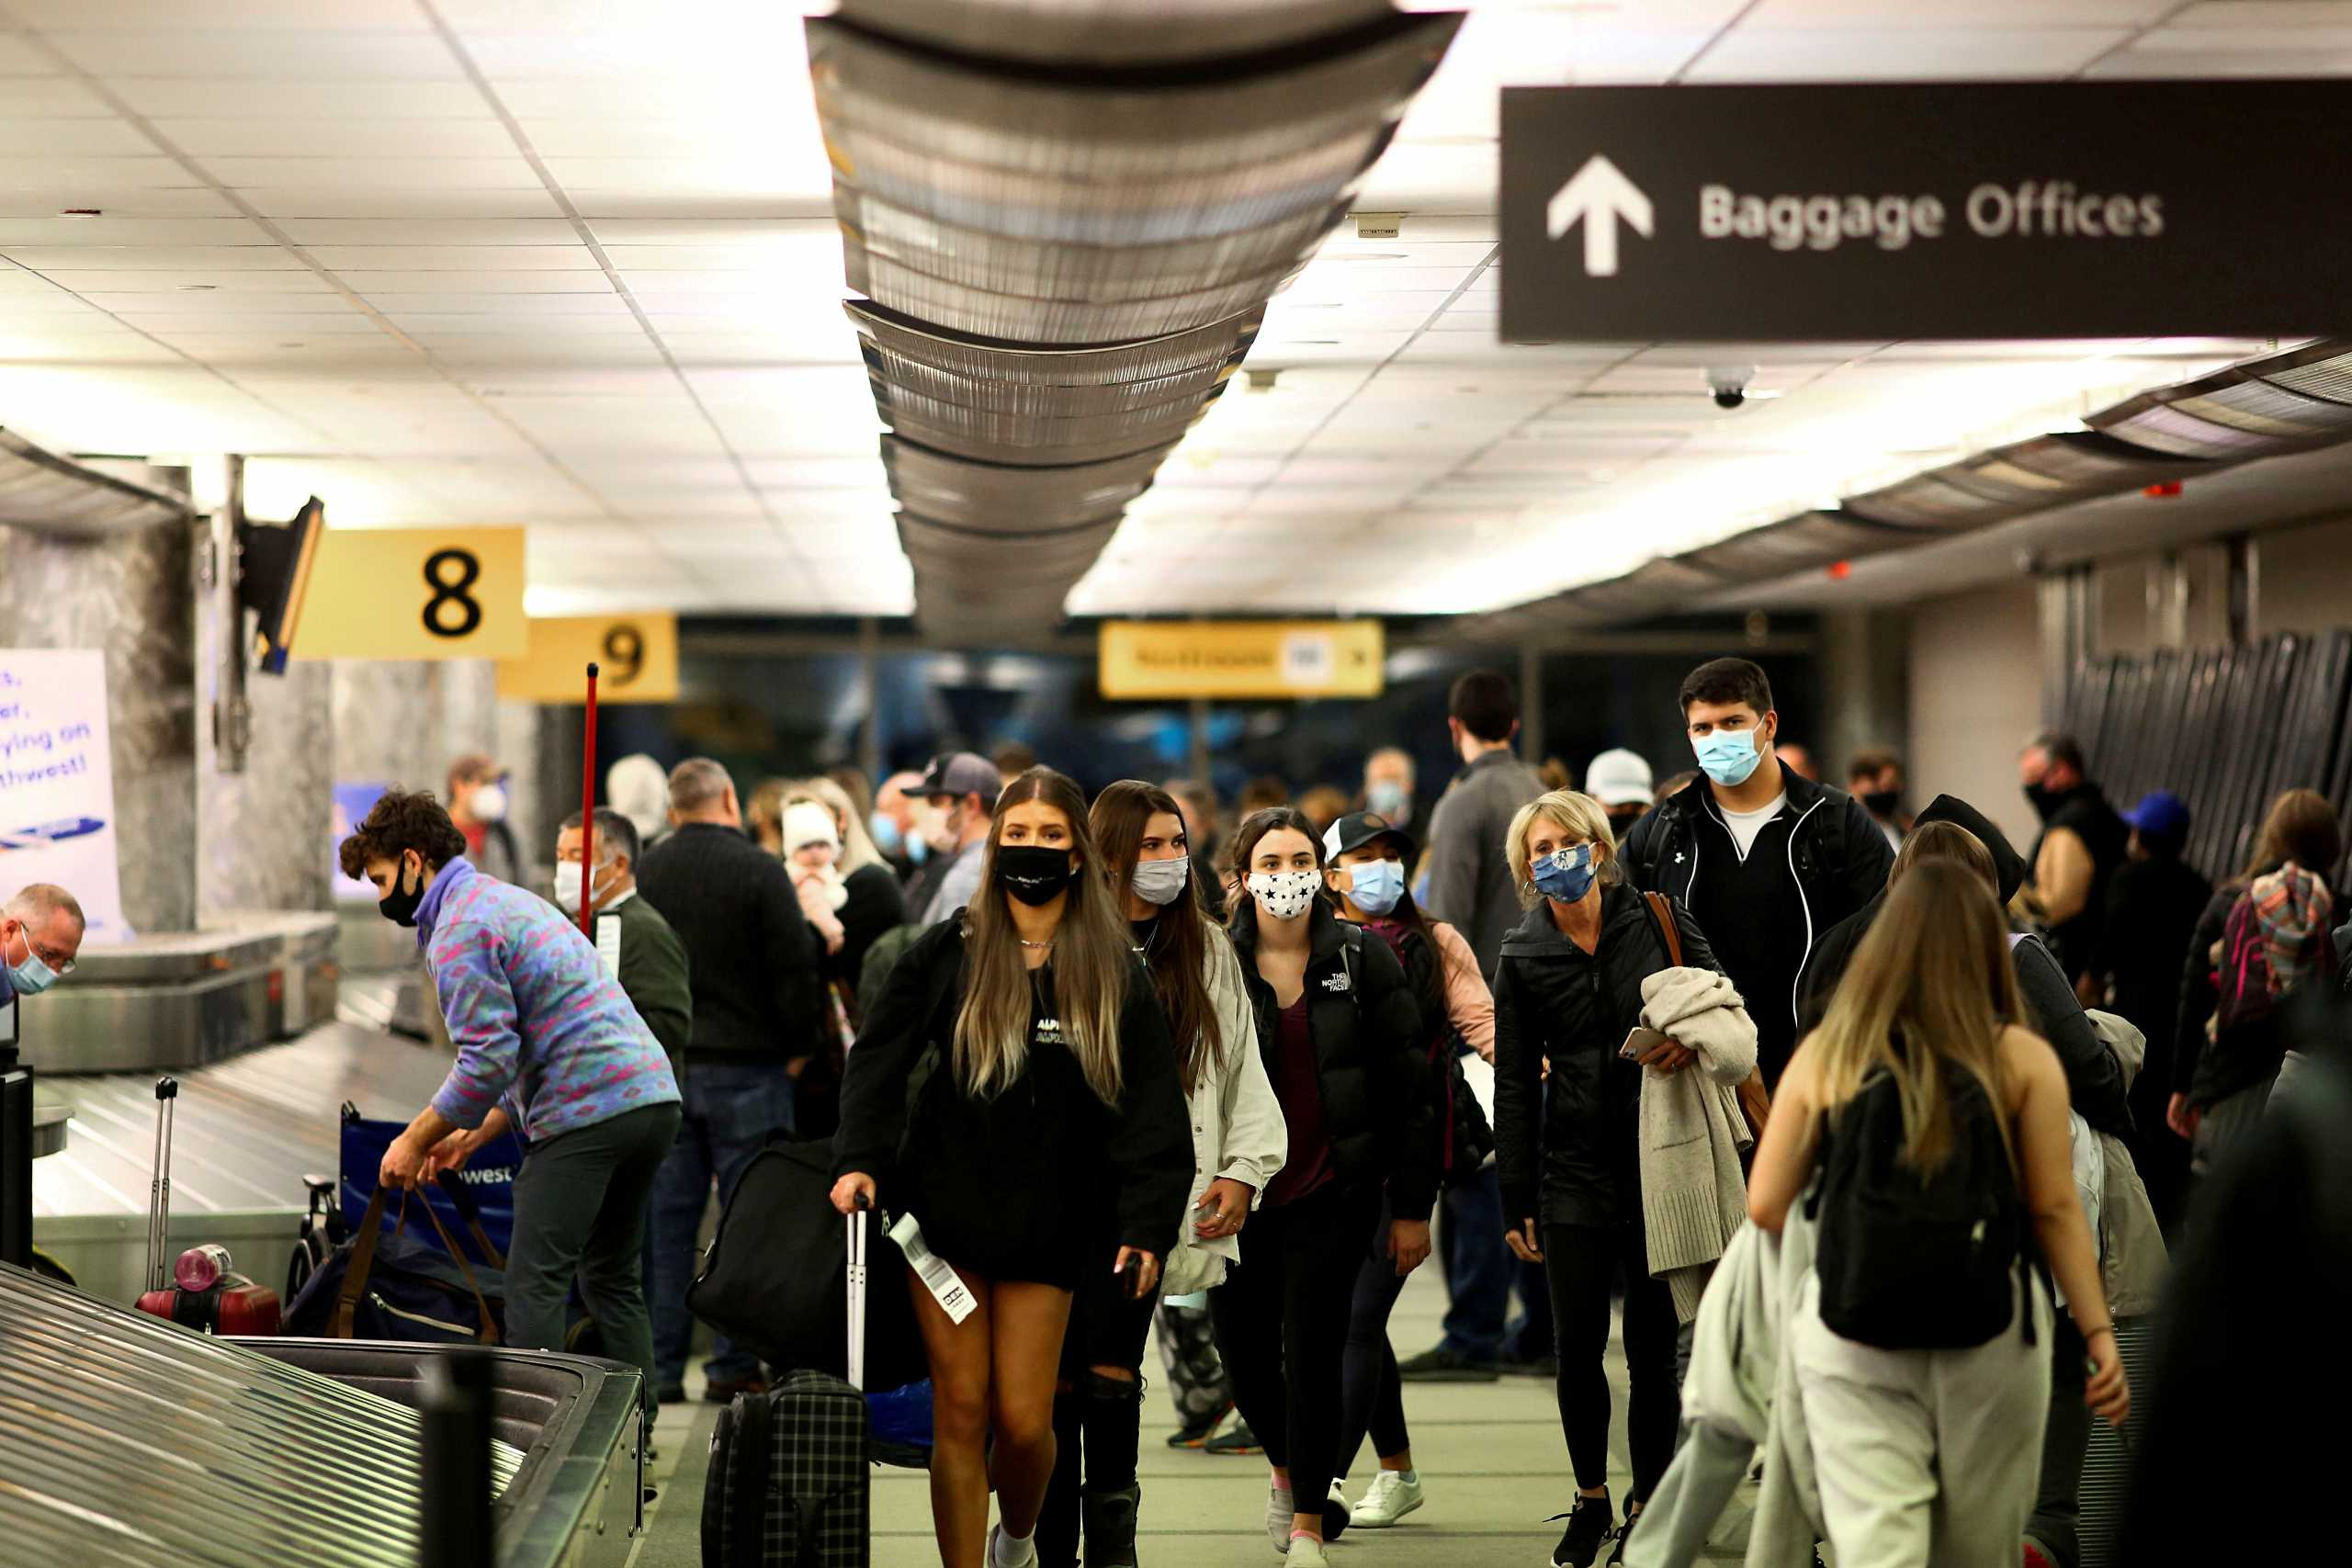 ΗΠΑ: Πιέσεις από τις αεροπορικές εταιρίες για χαλάρωση των ταξιδιωτικών περιορισμών